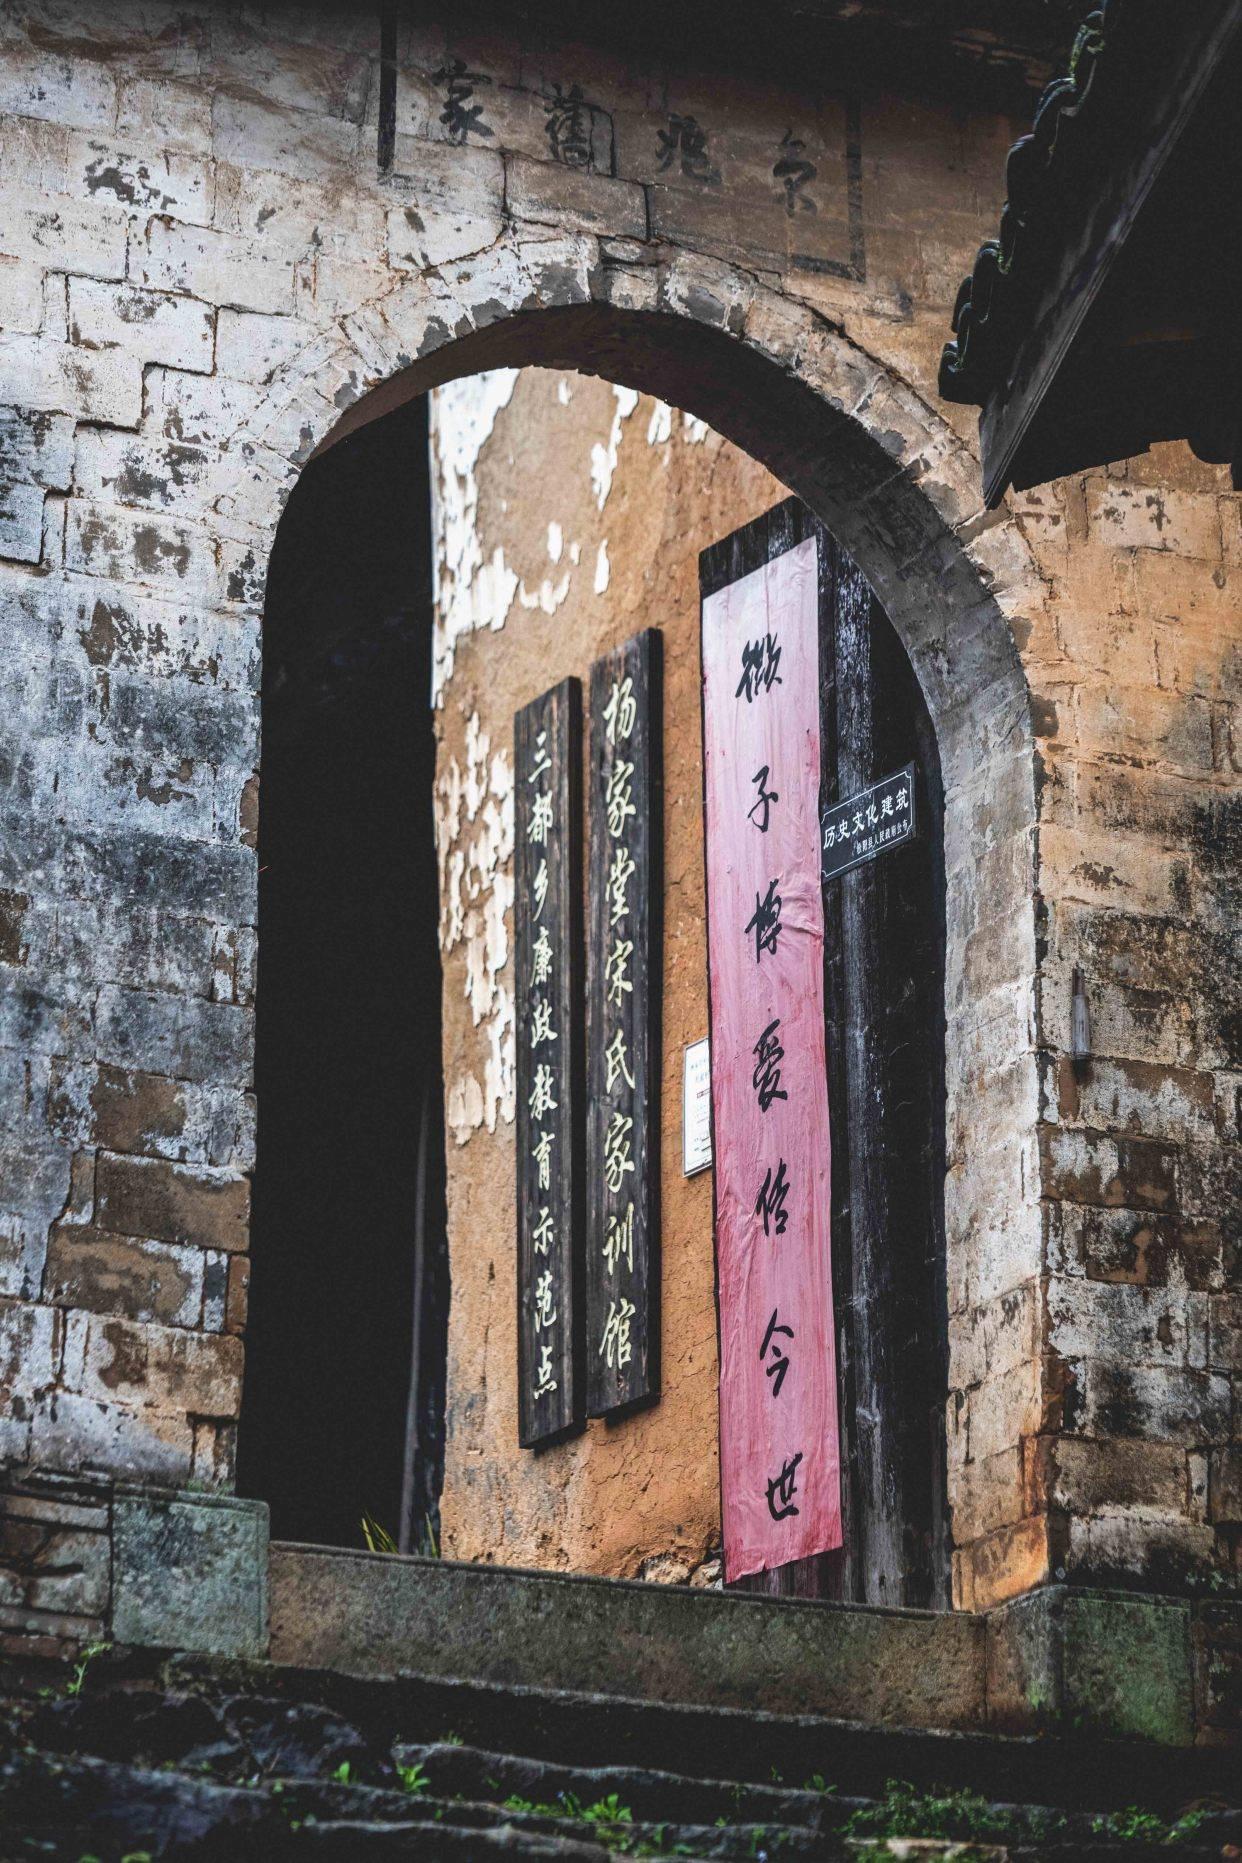 最后的江南秘境:松阳杨家堂,惟此桃花源,四塞无他虞